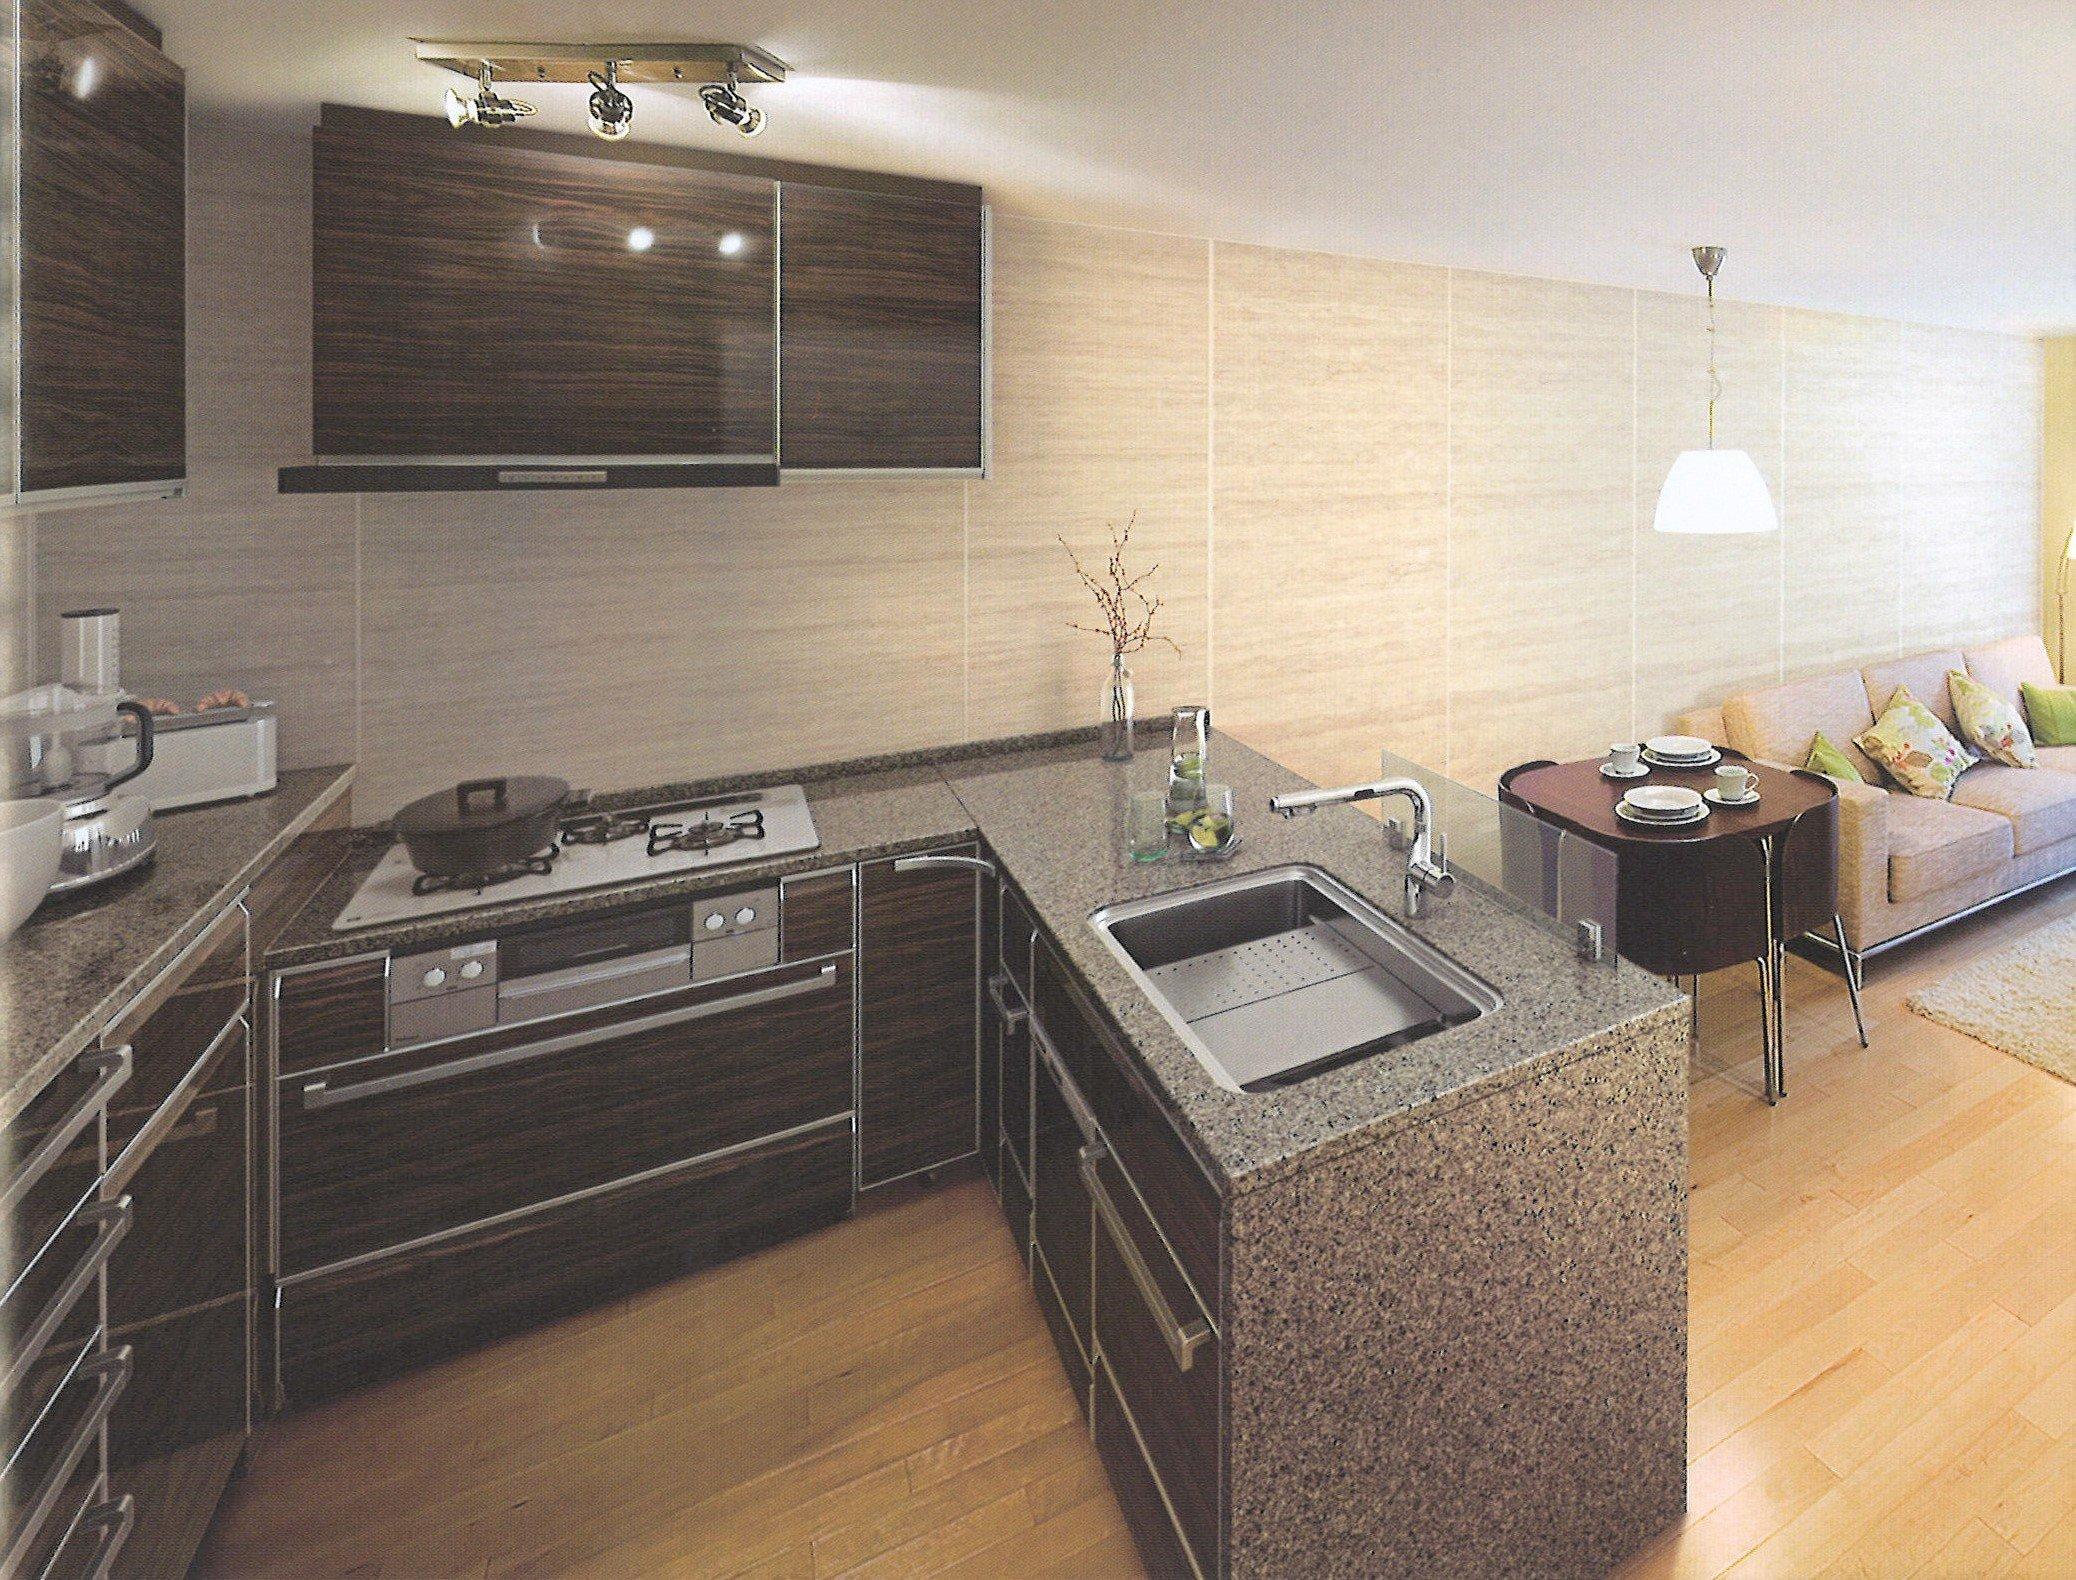 TakaraStandard システムキッチン 鮫島工業施工費込み フラット対面L型 リフォーム商品プランのイメージその1